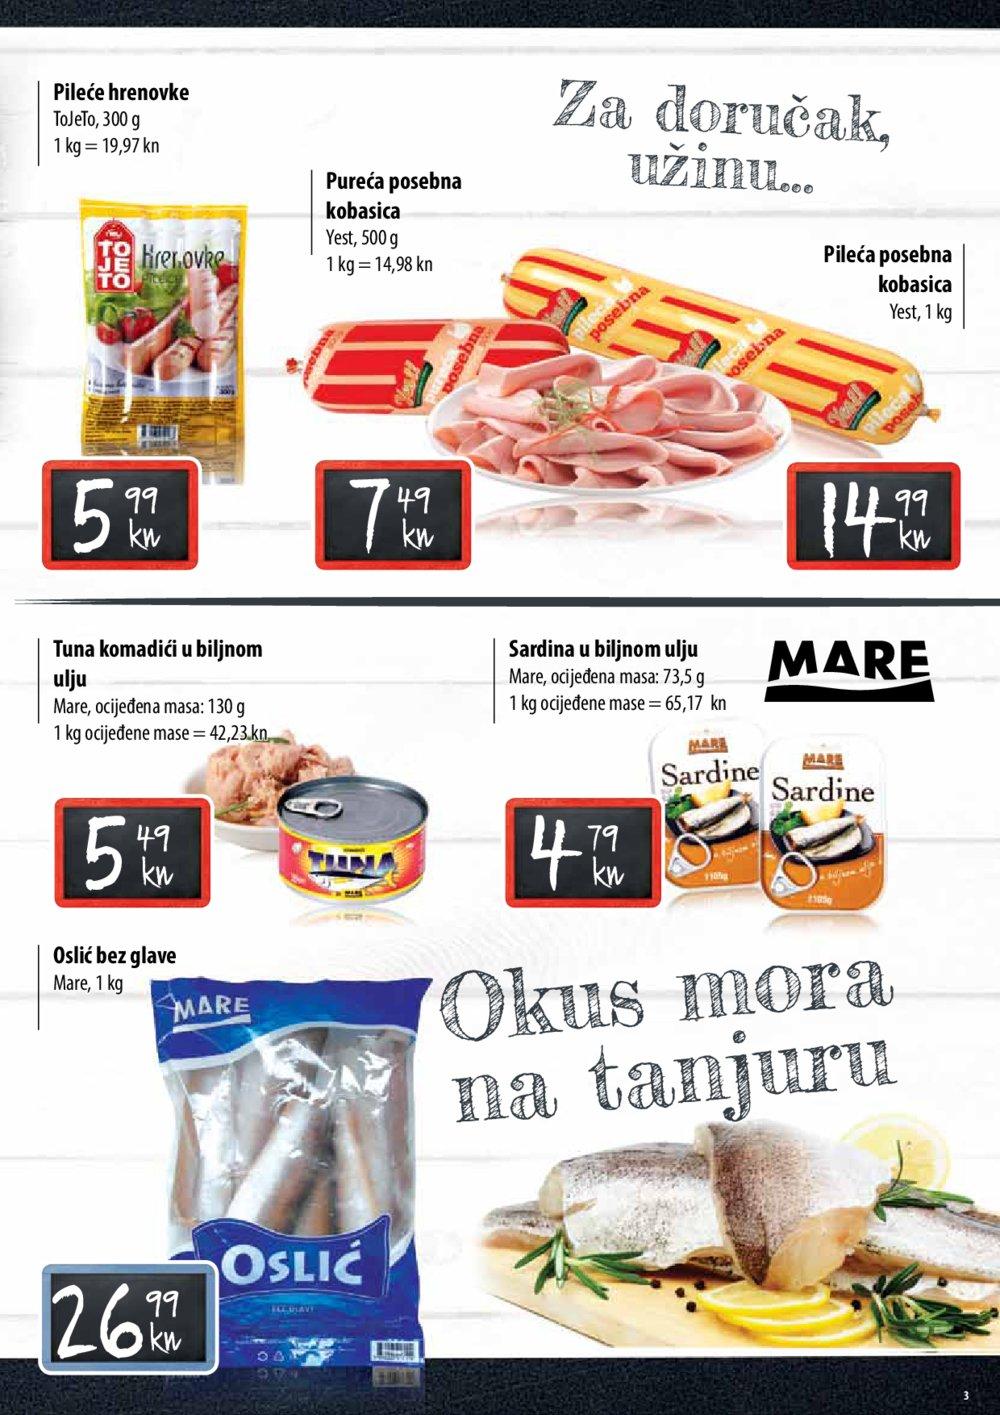 NTL katalog Zimsko sniženje NTL robnih marki do 18.01.2017.